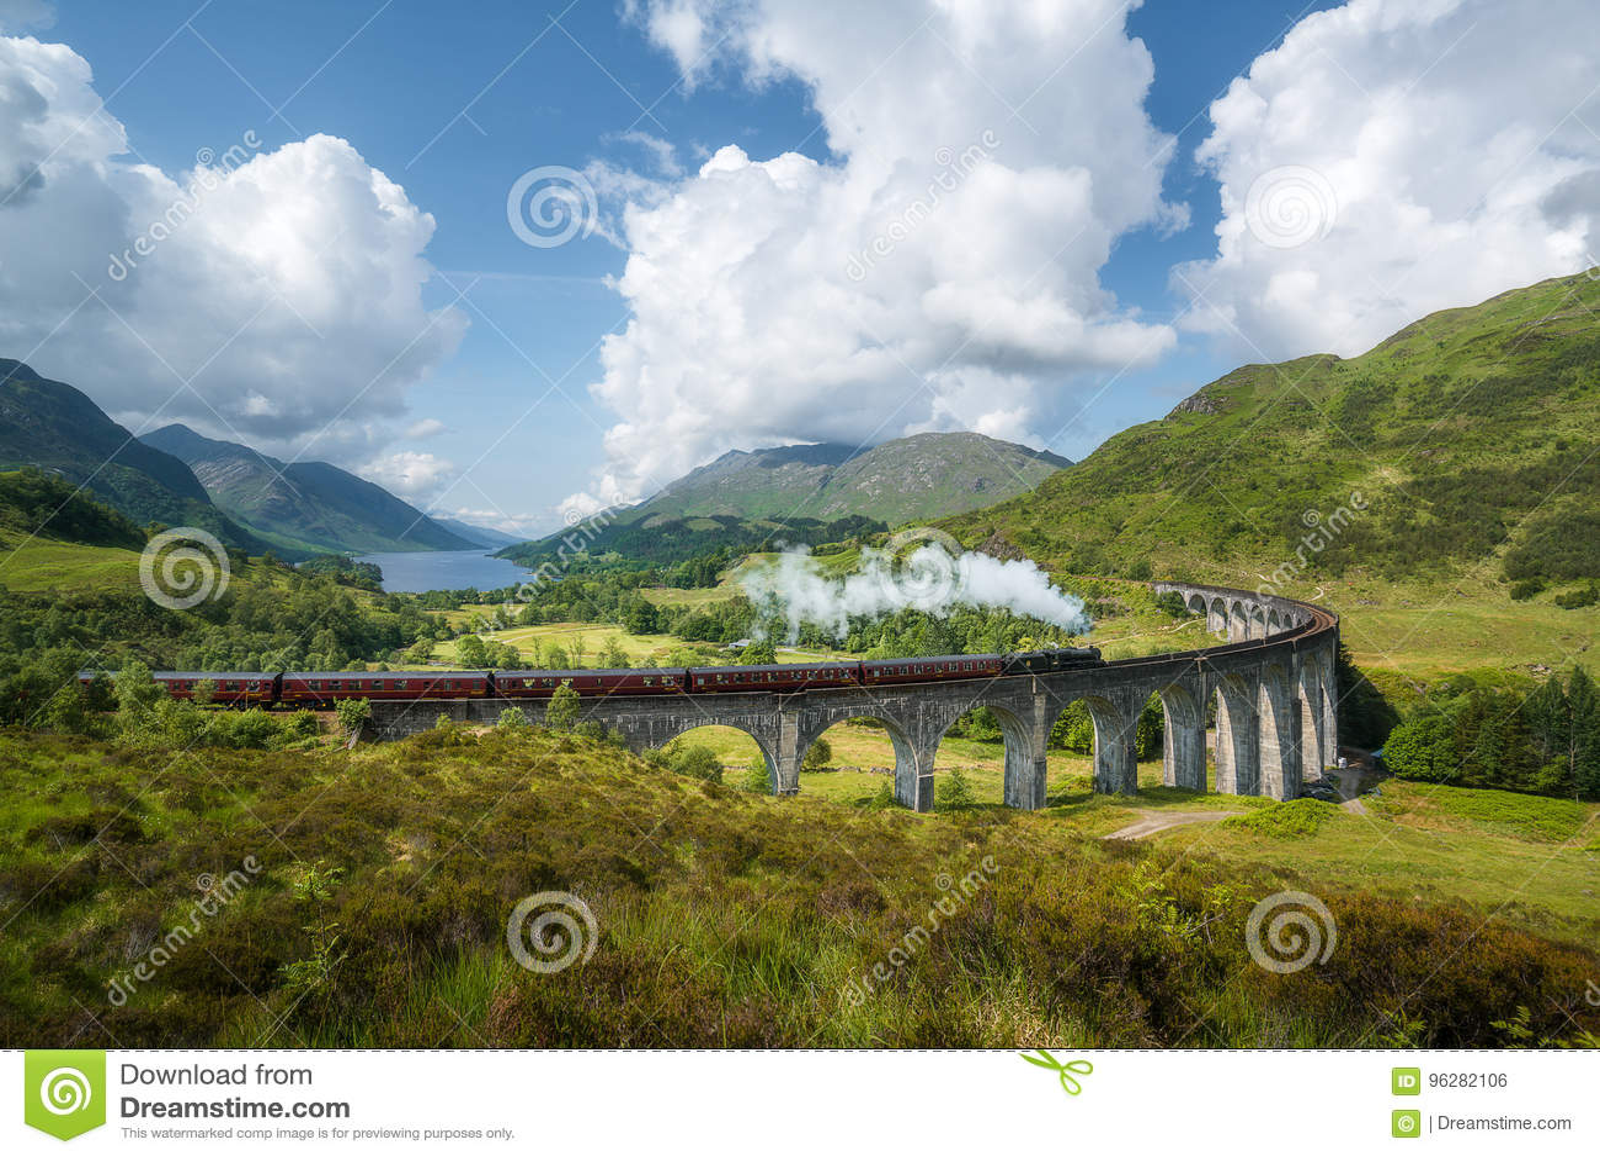 Jacobite steam train, a.k.a. Hogwarts Express, passes Glenfinnan viaduct